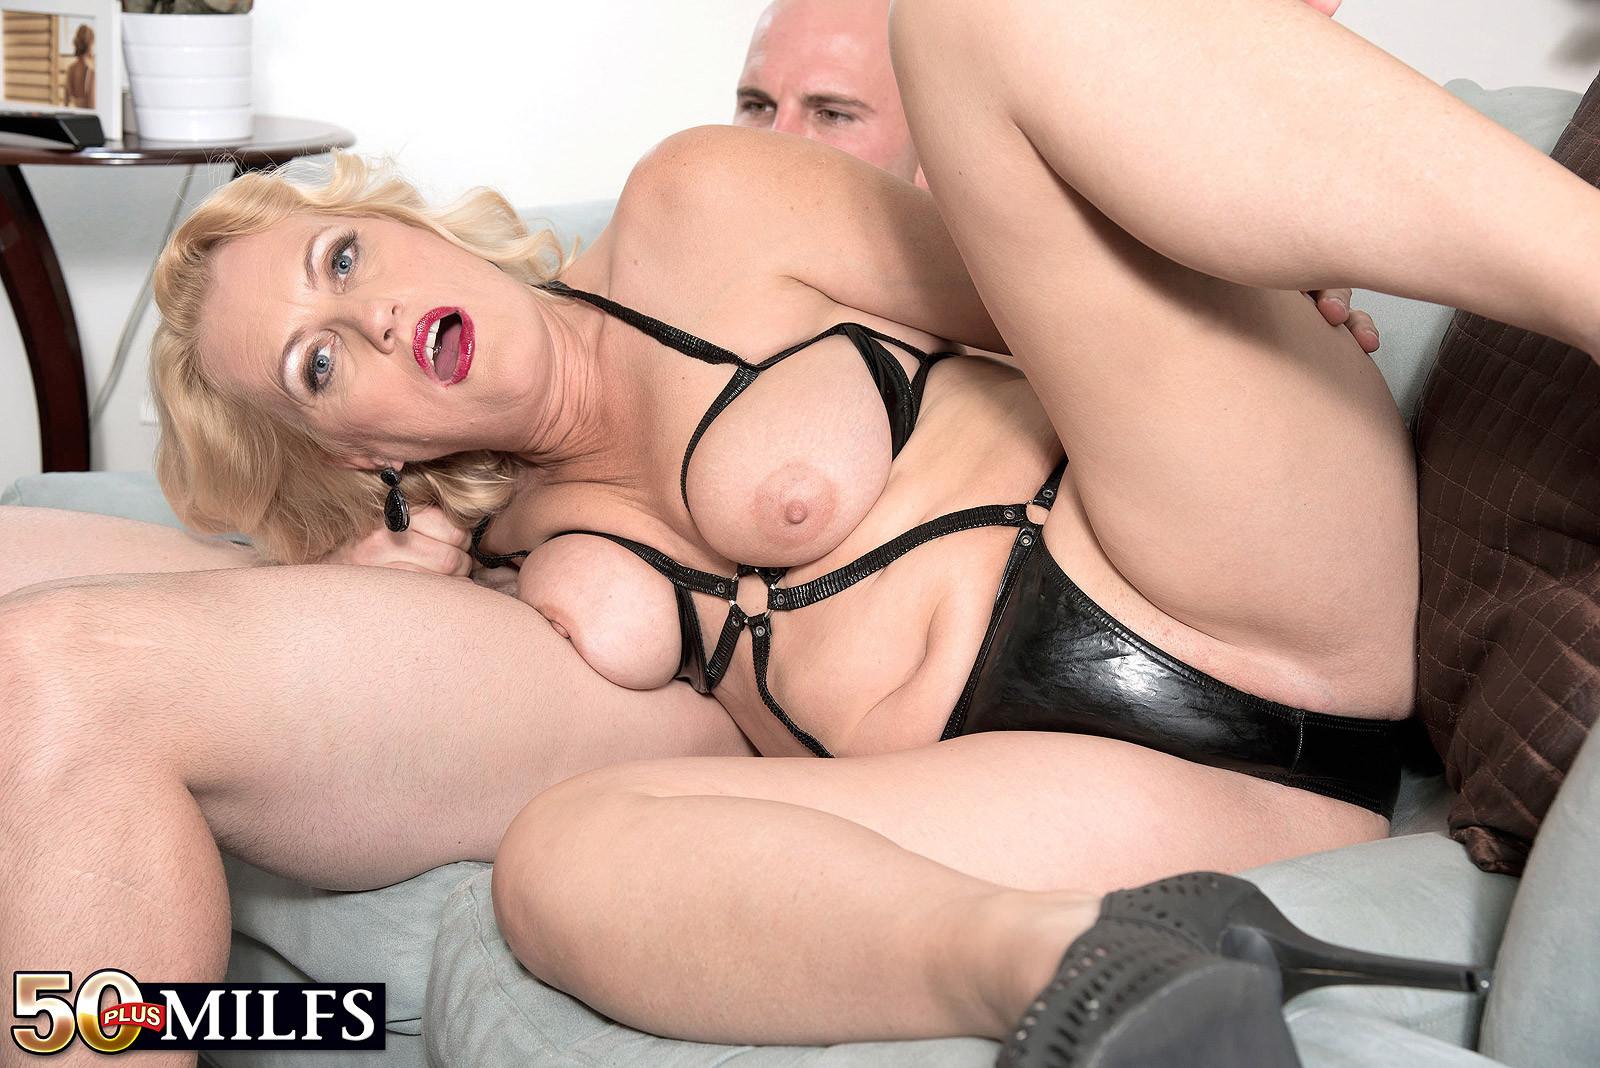 У горничной леди Дулбин особые пристрастия в сексе, ей нравится секс с элементами бдсм, ее работодателю тоже